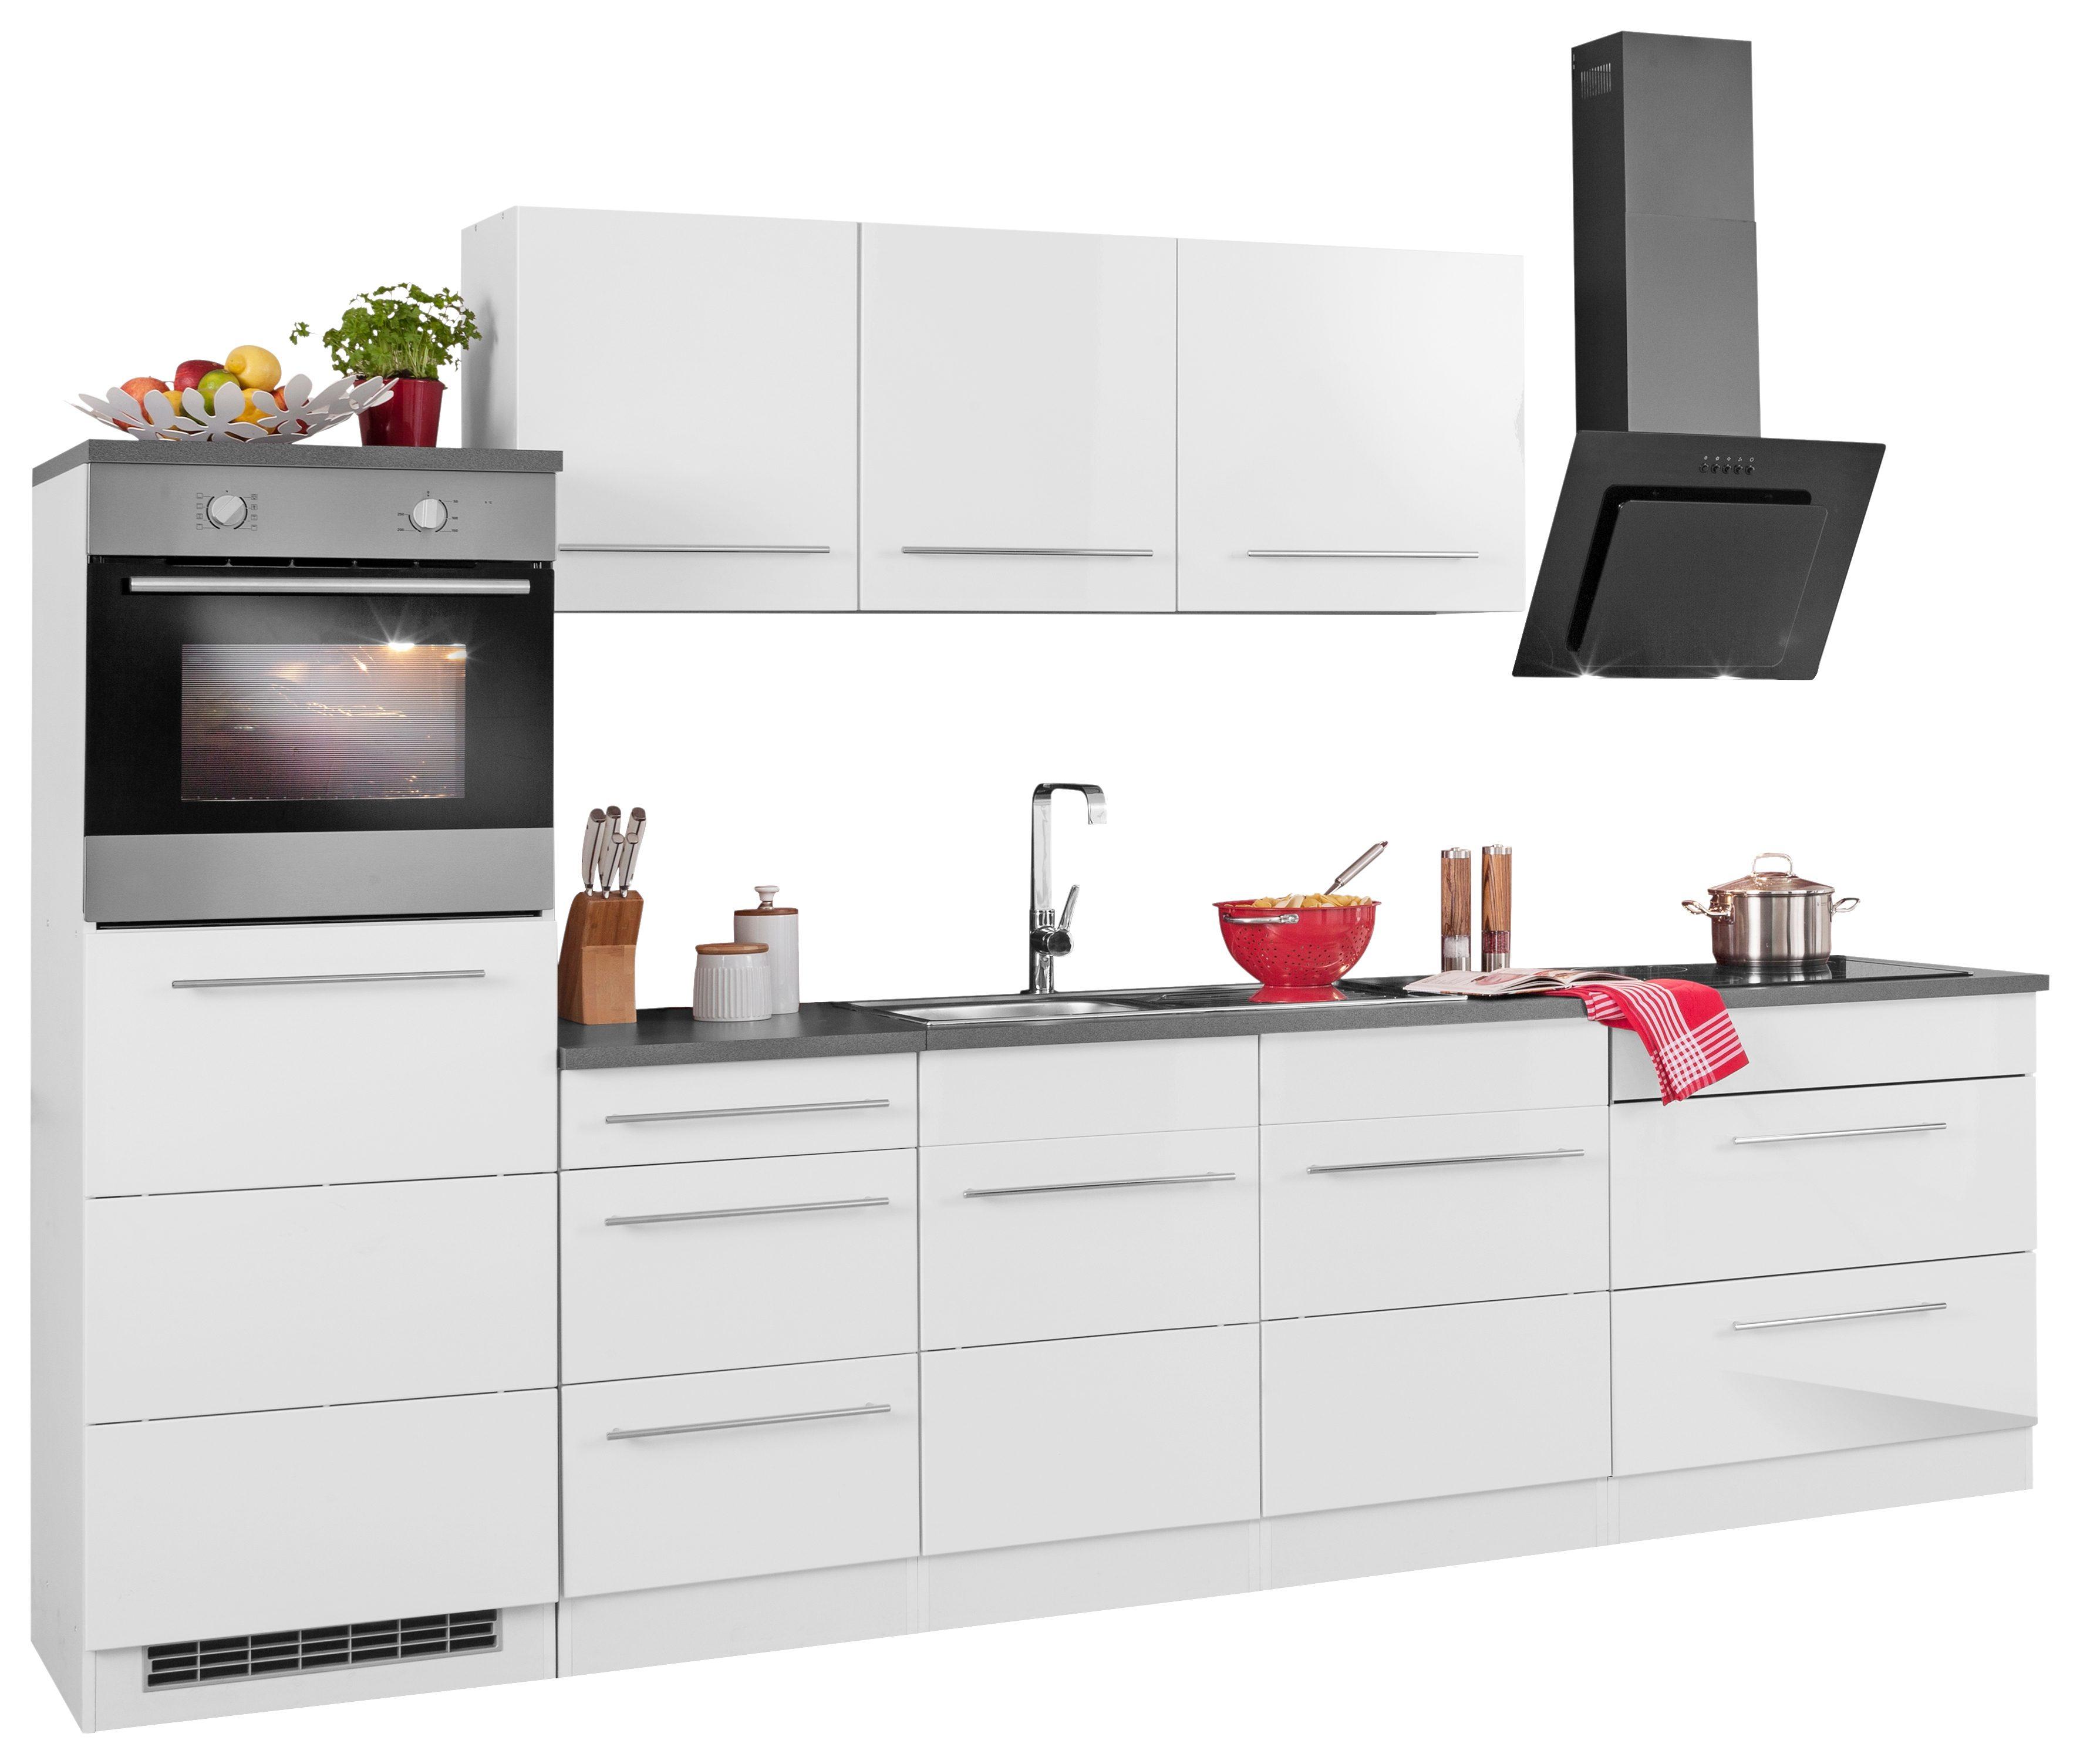 held m bel k chenzeile trient auf rechnung kaufen baur. Black Bedroom Furniture Sets. Home Design Ideas